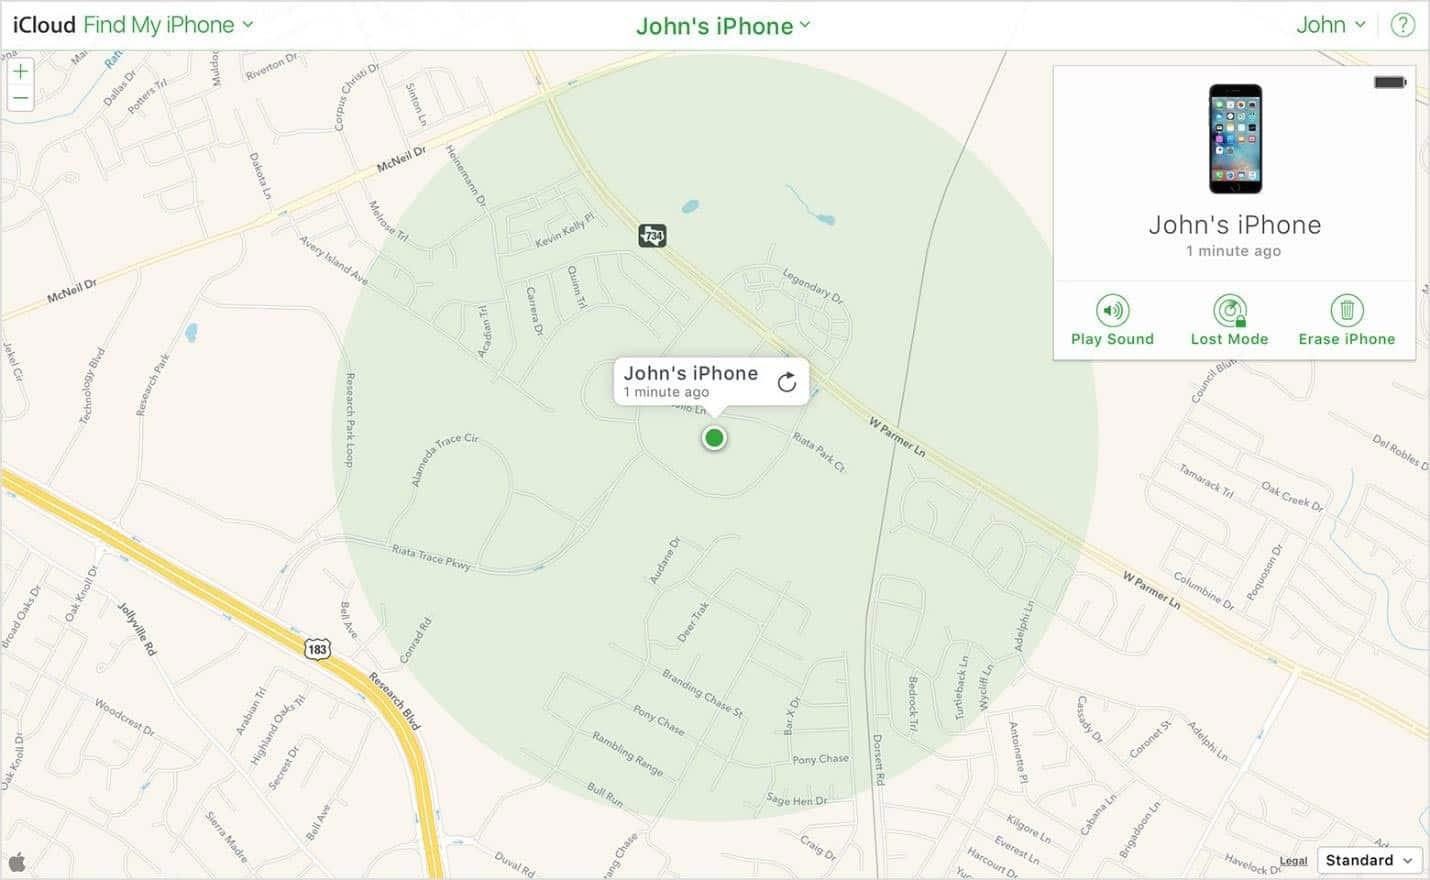 Un circulo verde mas grande significa que la precision de Buscar mi iPhone es mas baja